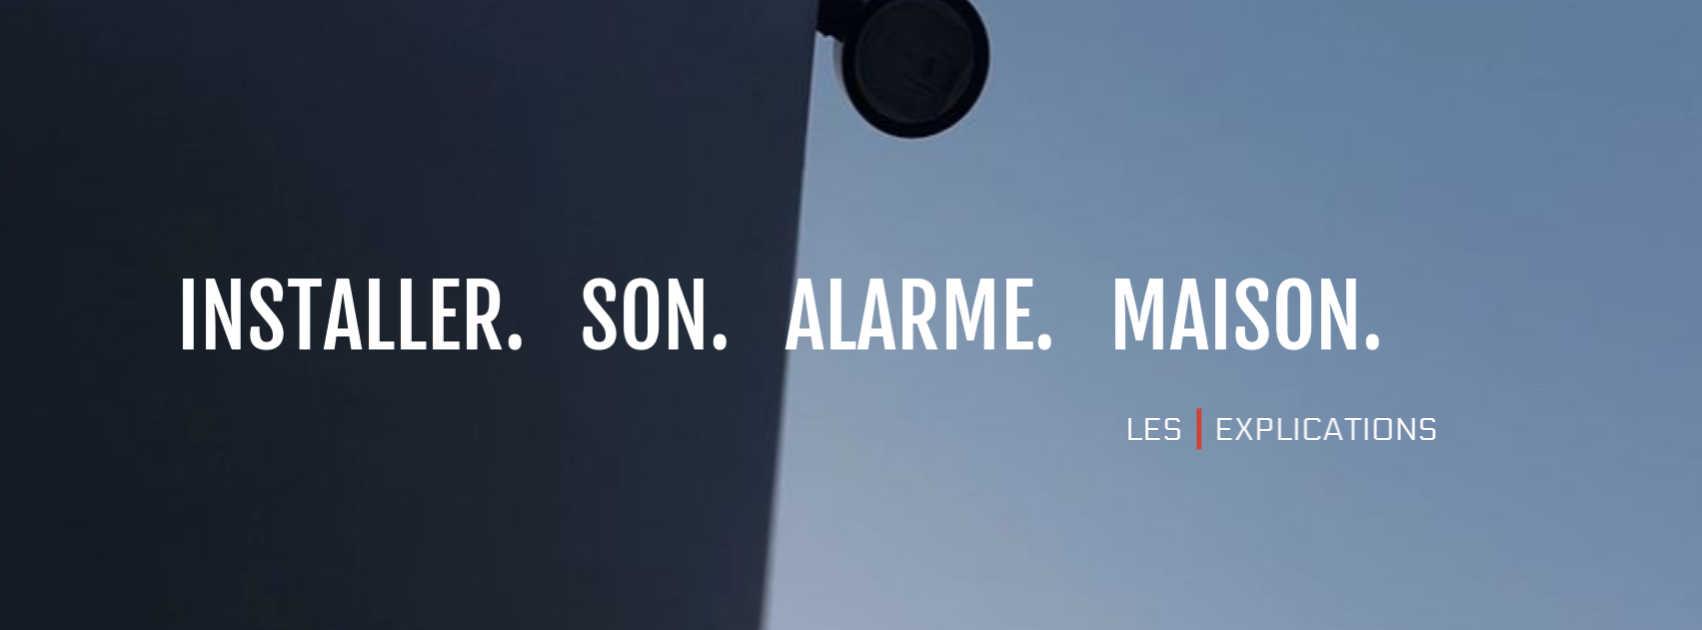 comment installer alarme maison explications